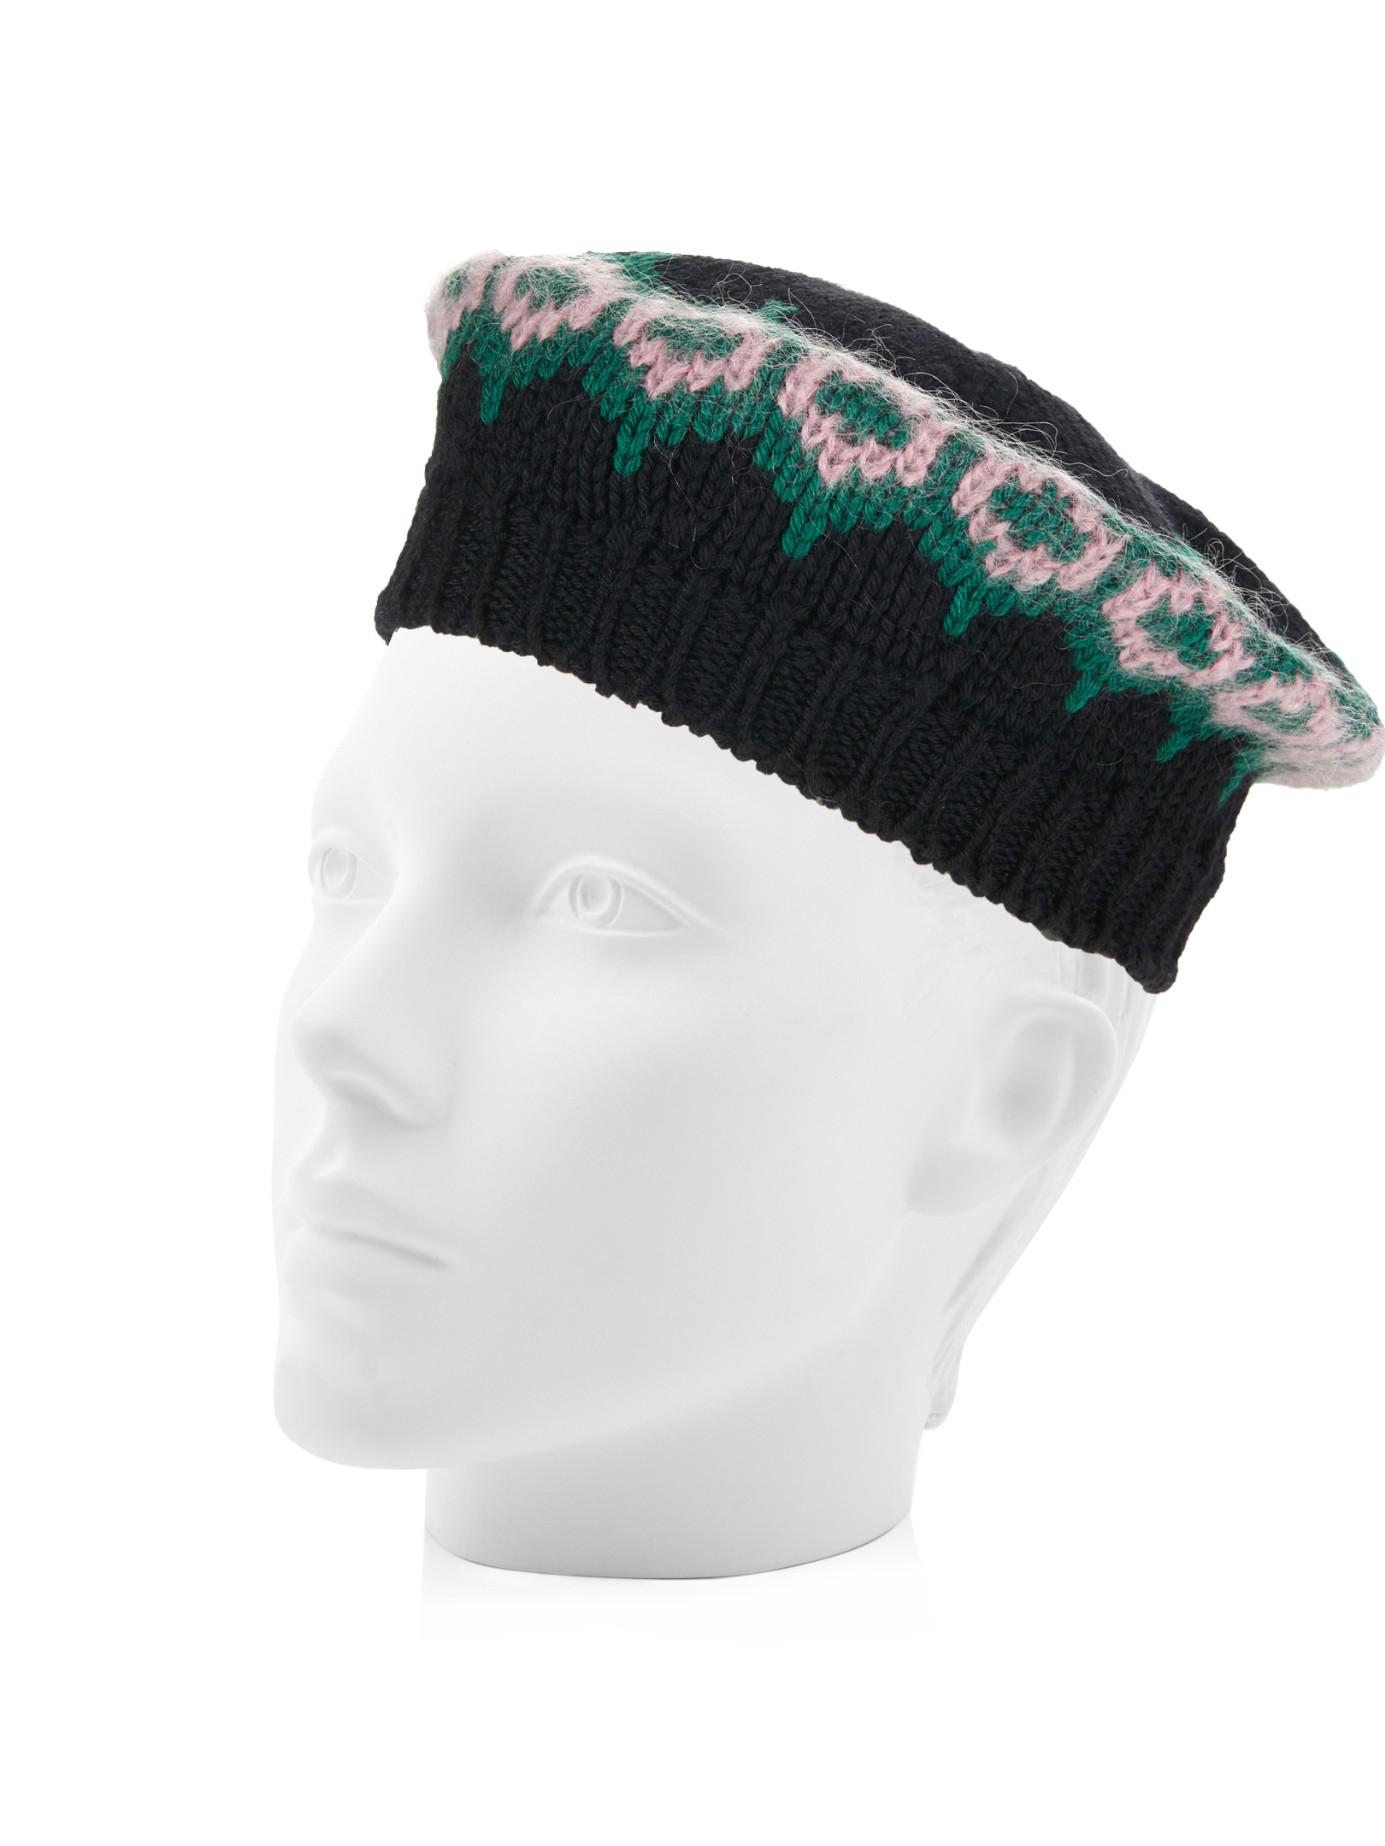 2ac8a37a1f7 Lyst - Gucci Intarsia-Knit Wool Beret Hat in Black